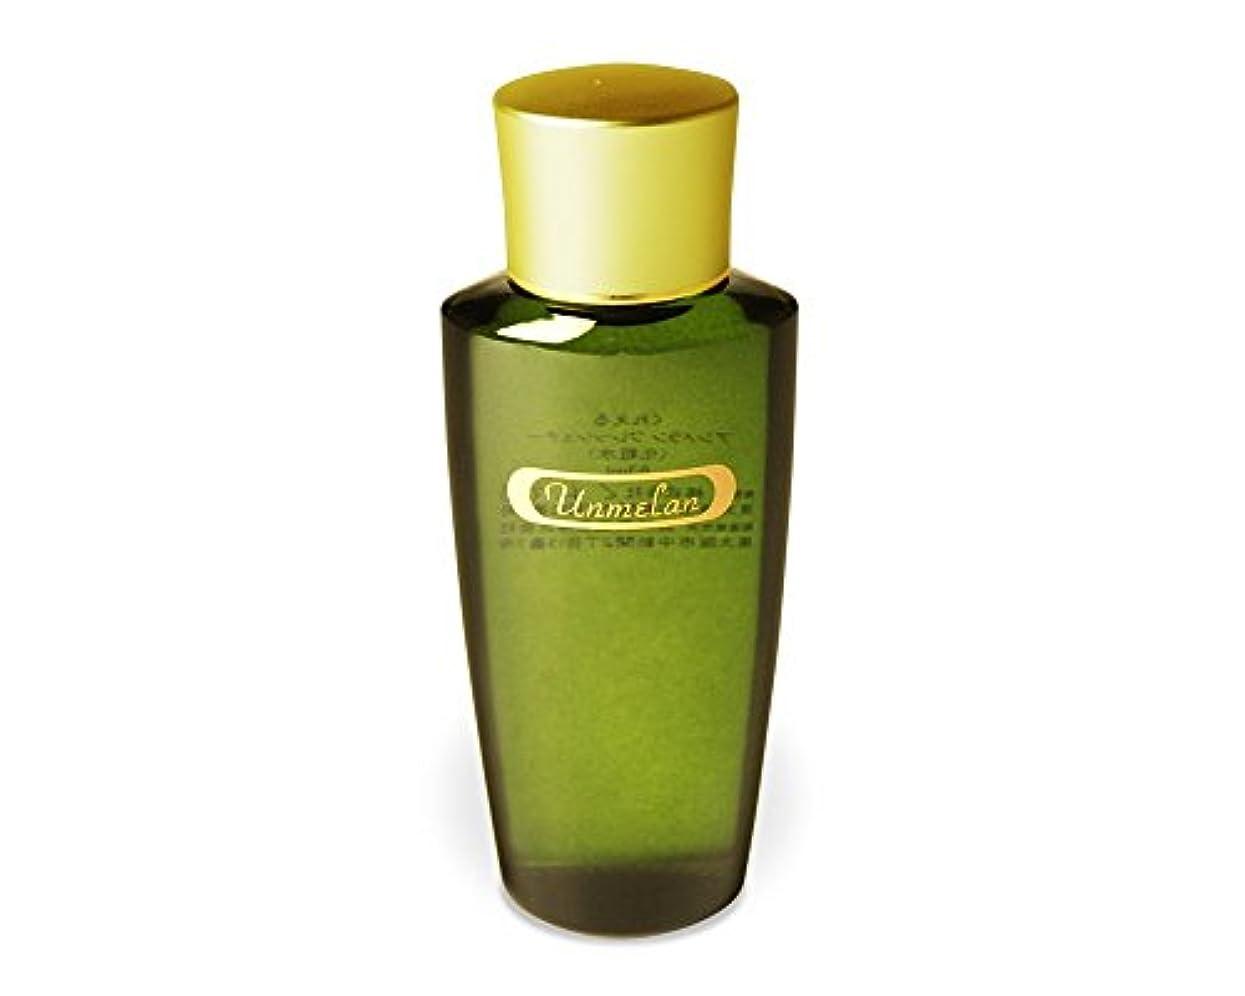 ペストリーコミットメント競争力のあるくれえる アンメラン フレッシュナー 化粧水